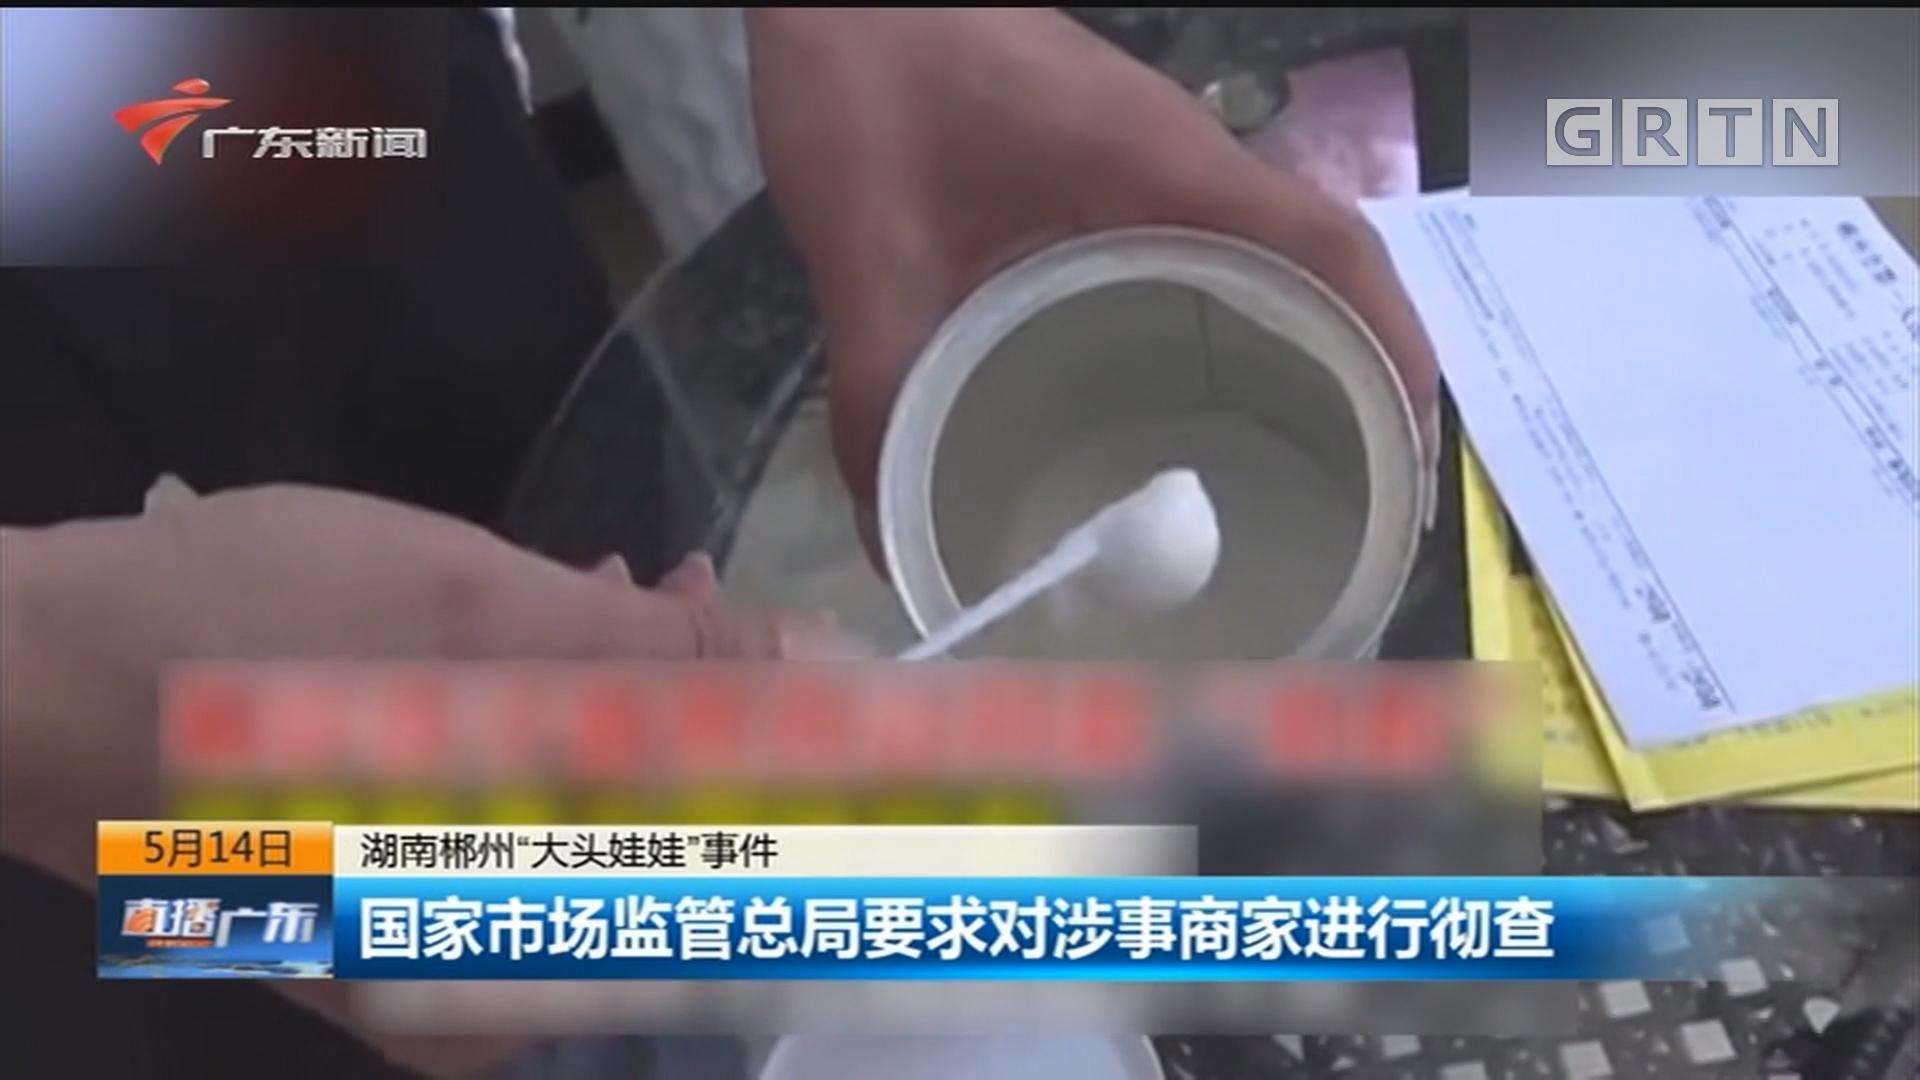 """湖南郴州 """"大头娃娃""""事件 国家市场监管总局要求对涉事商家进行彻查"""